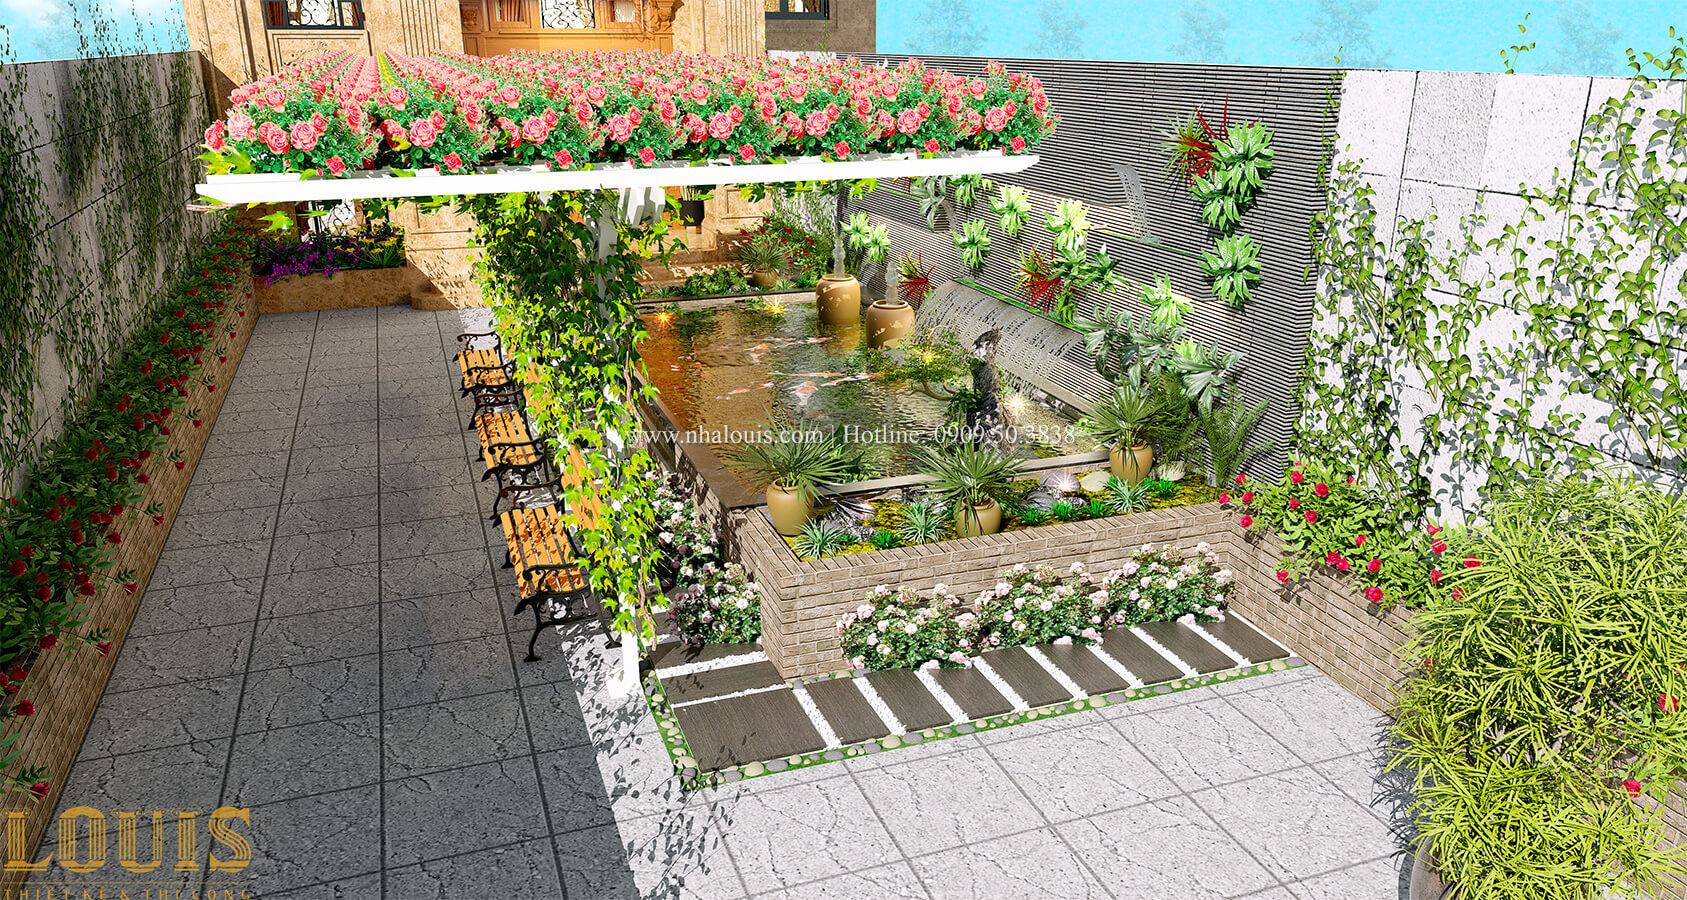 Sân vườn Thích thú bước vào biệt thự sân vườn đẹp xanh mát tại Tân Bình - 16